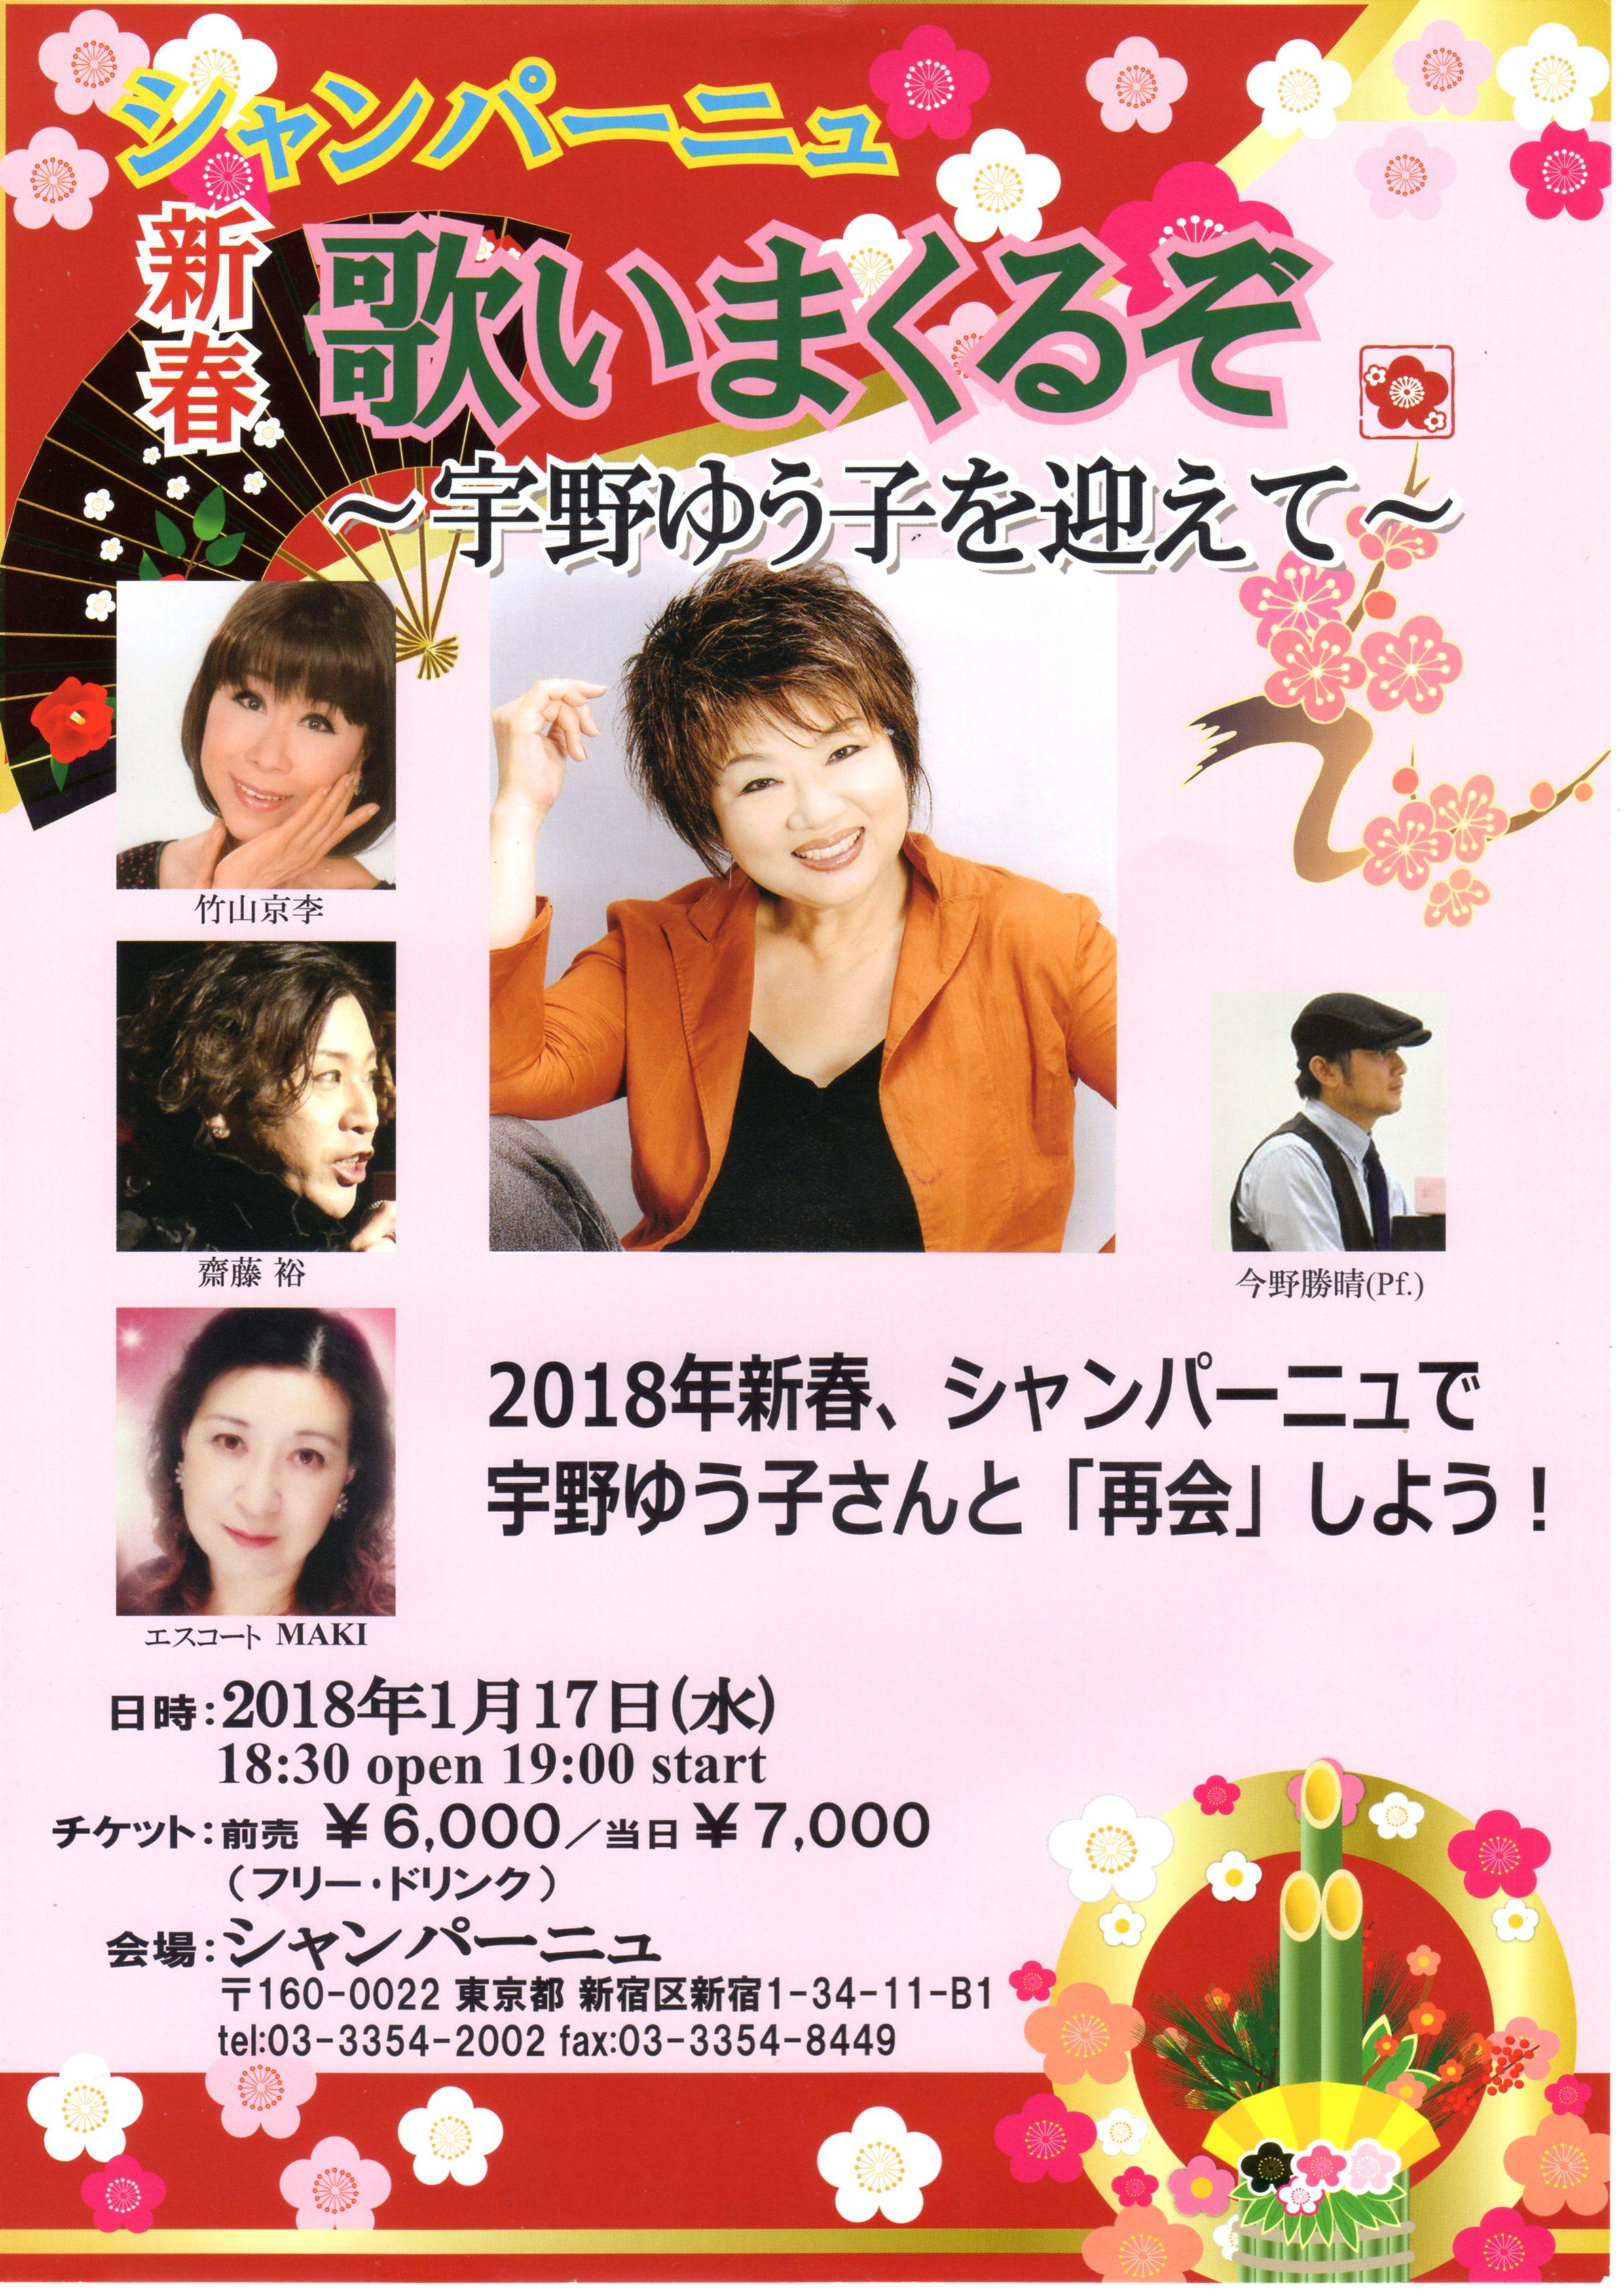 http://unoyuko.com/blog/chanson/img092.jpg